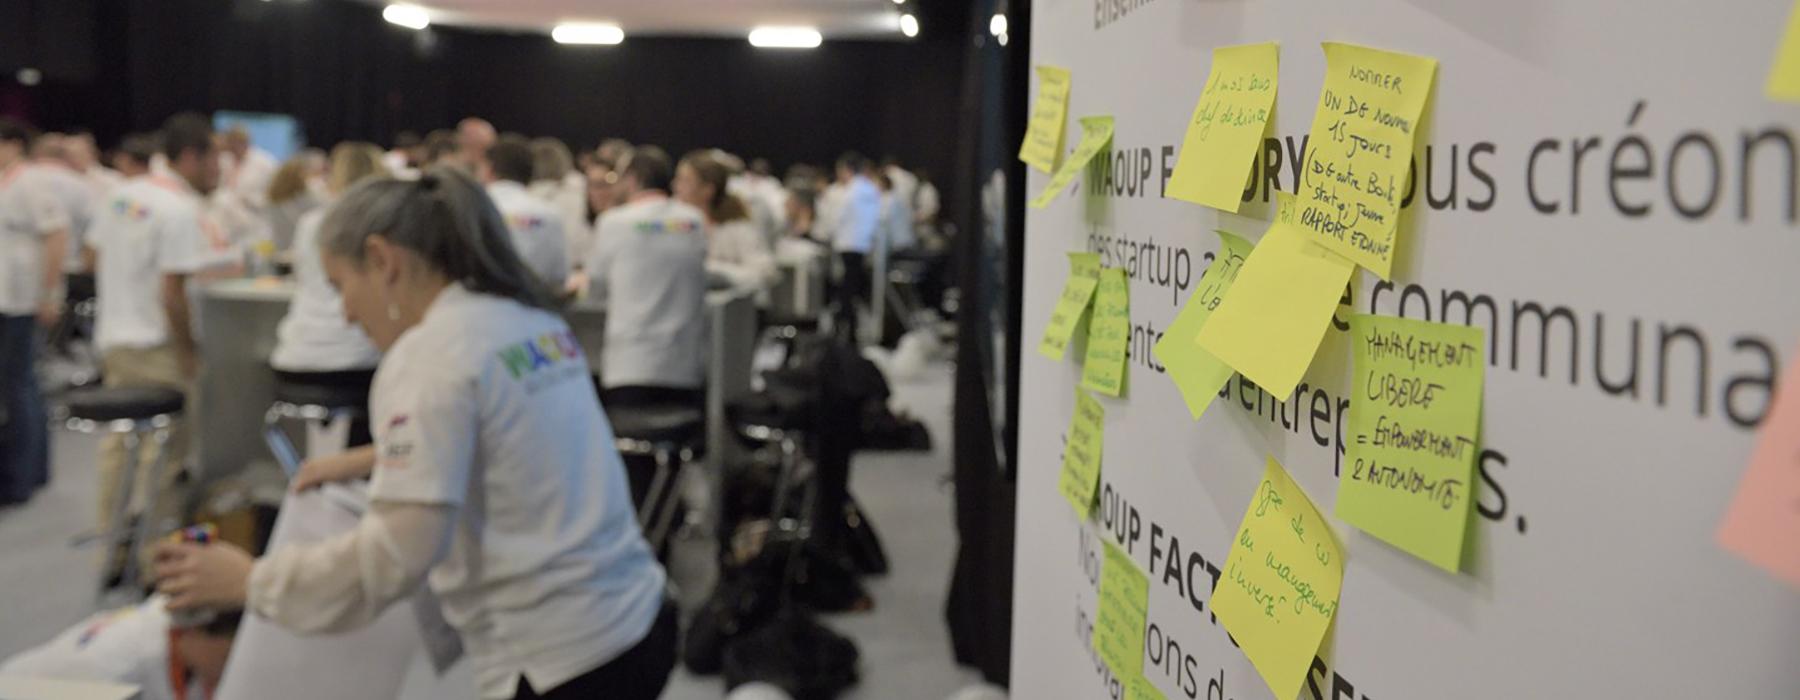 Les collaborations et le partage d'expérience